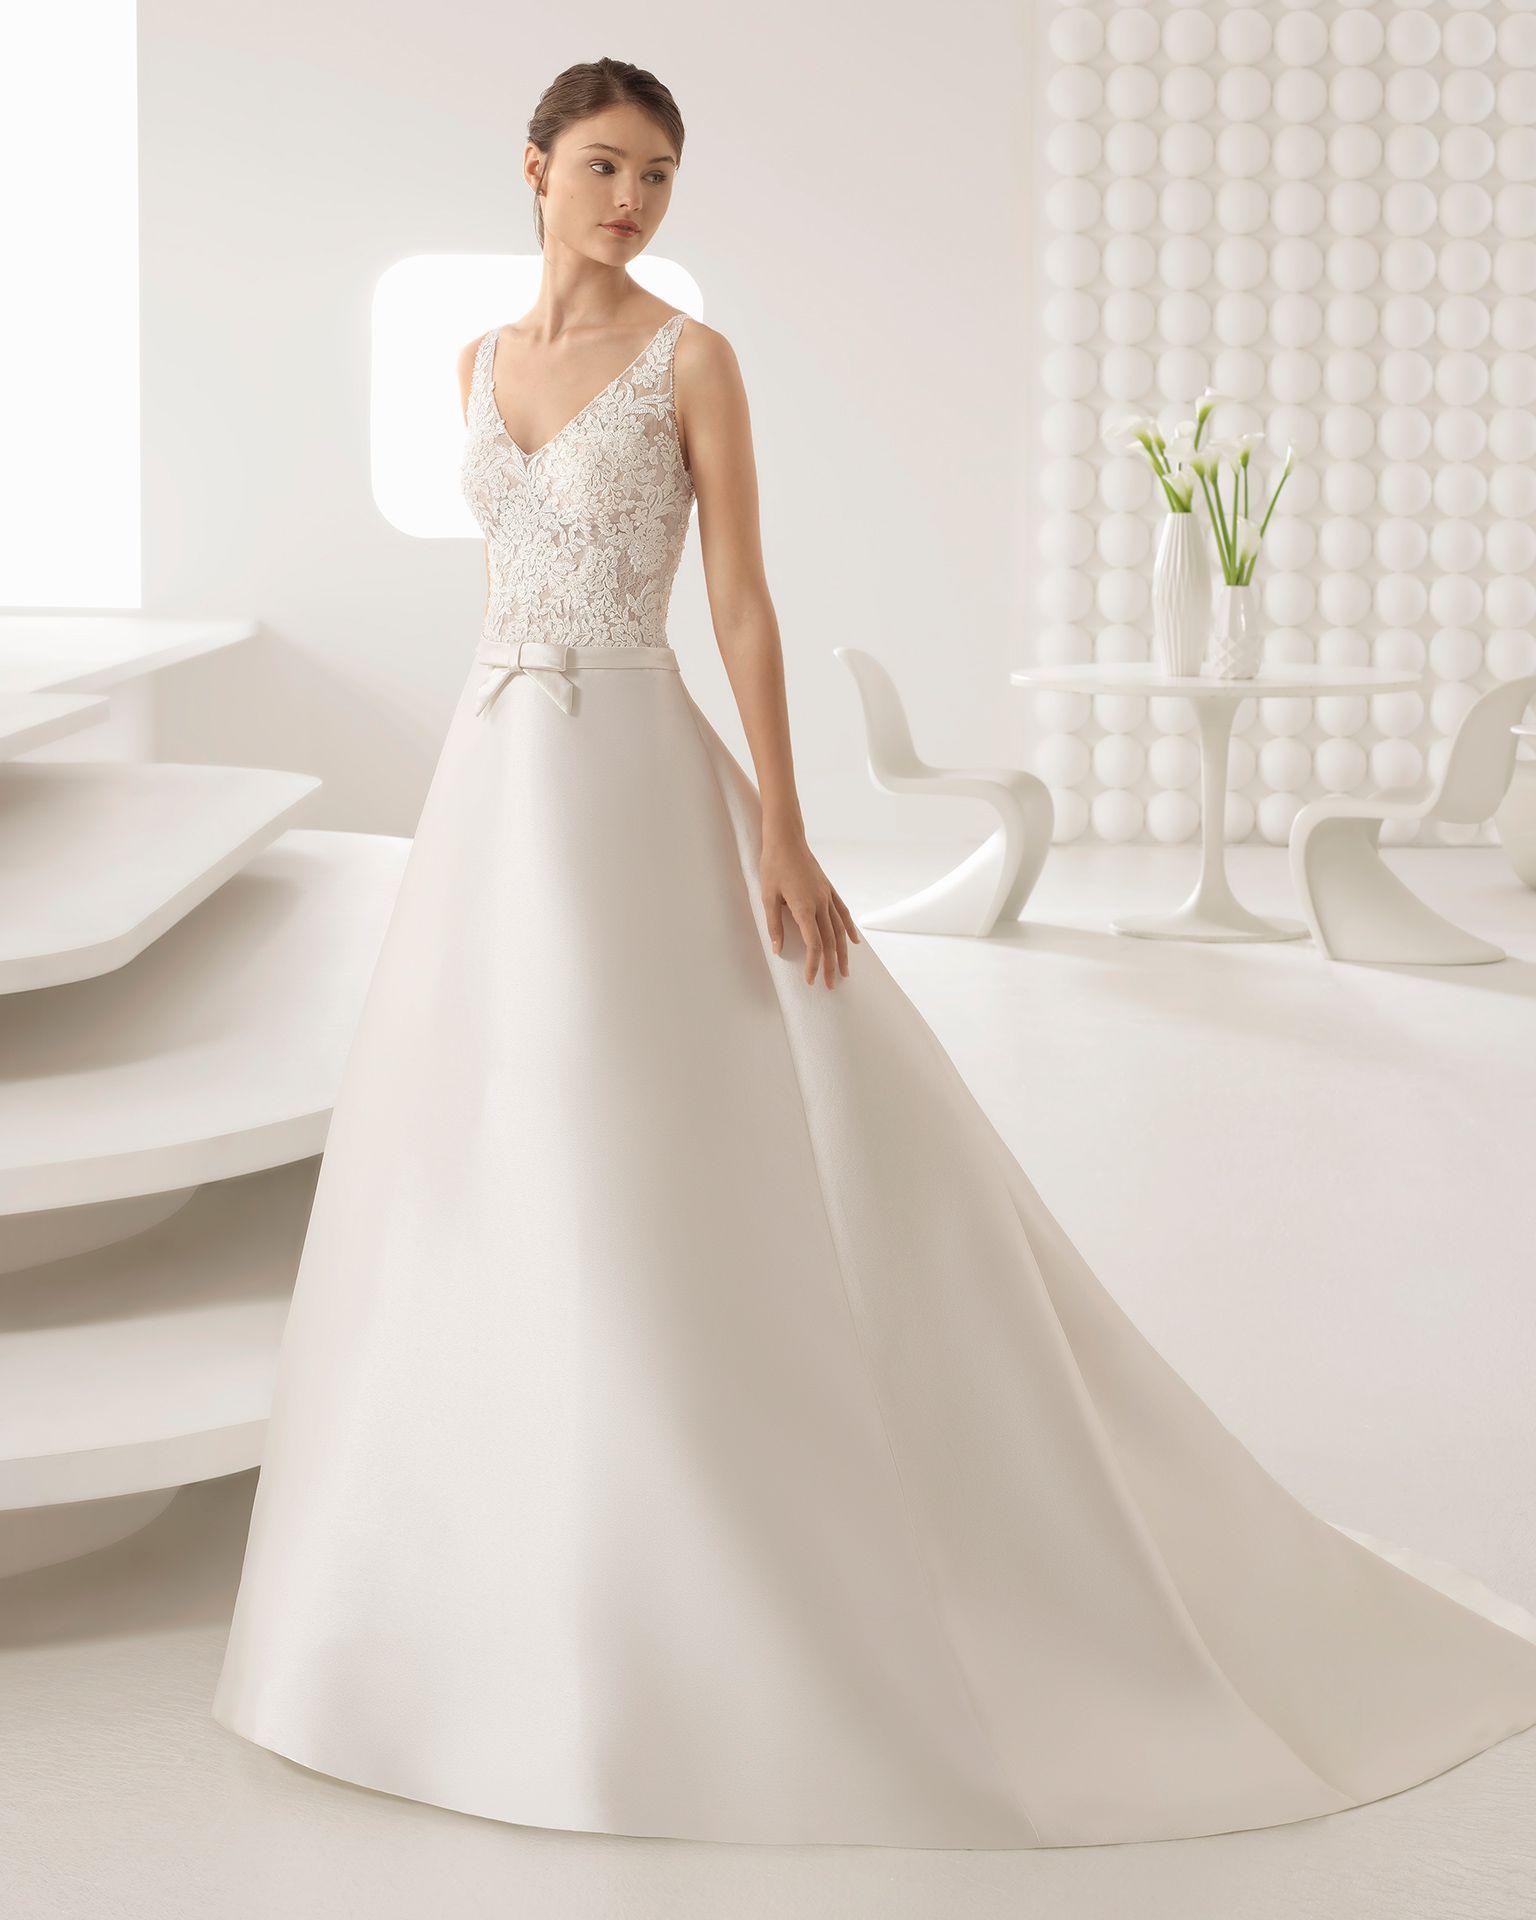 2018 Bridal Collection. Rosa Clará Collection En